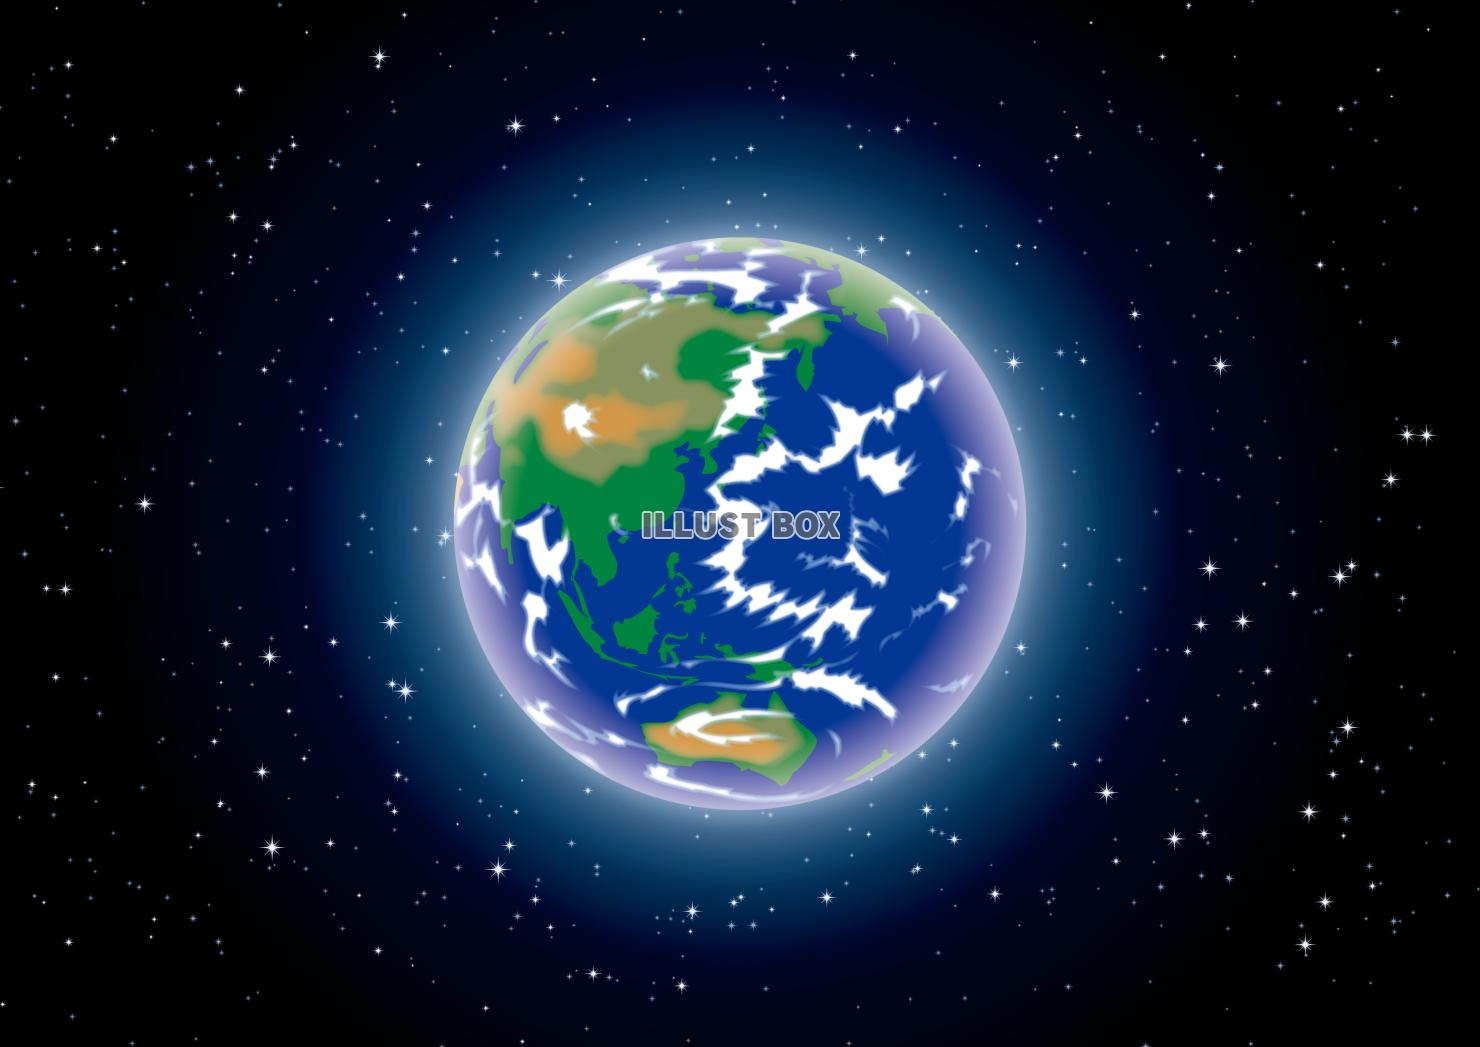 無料イラスト 地球 宇宙 星空 壁紙